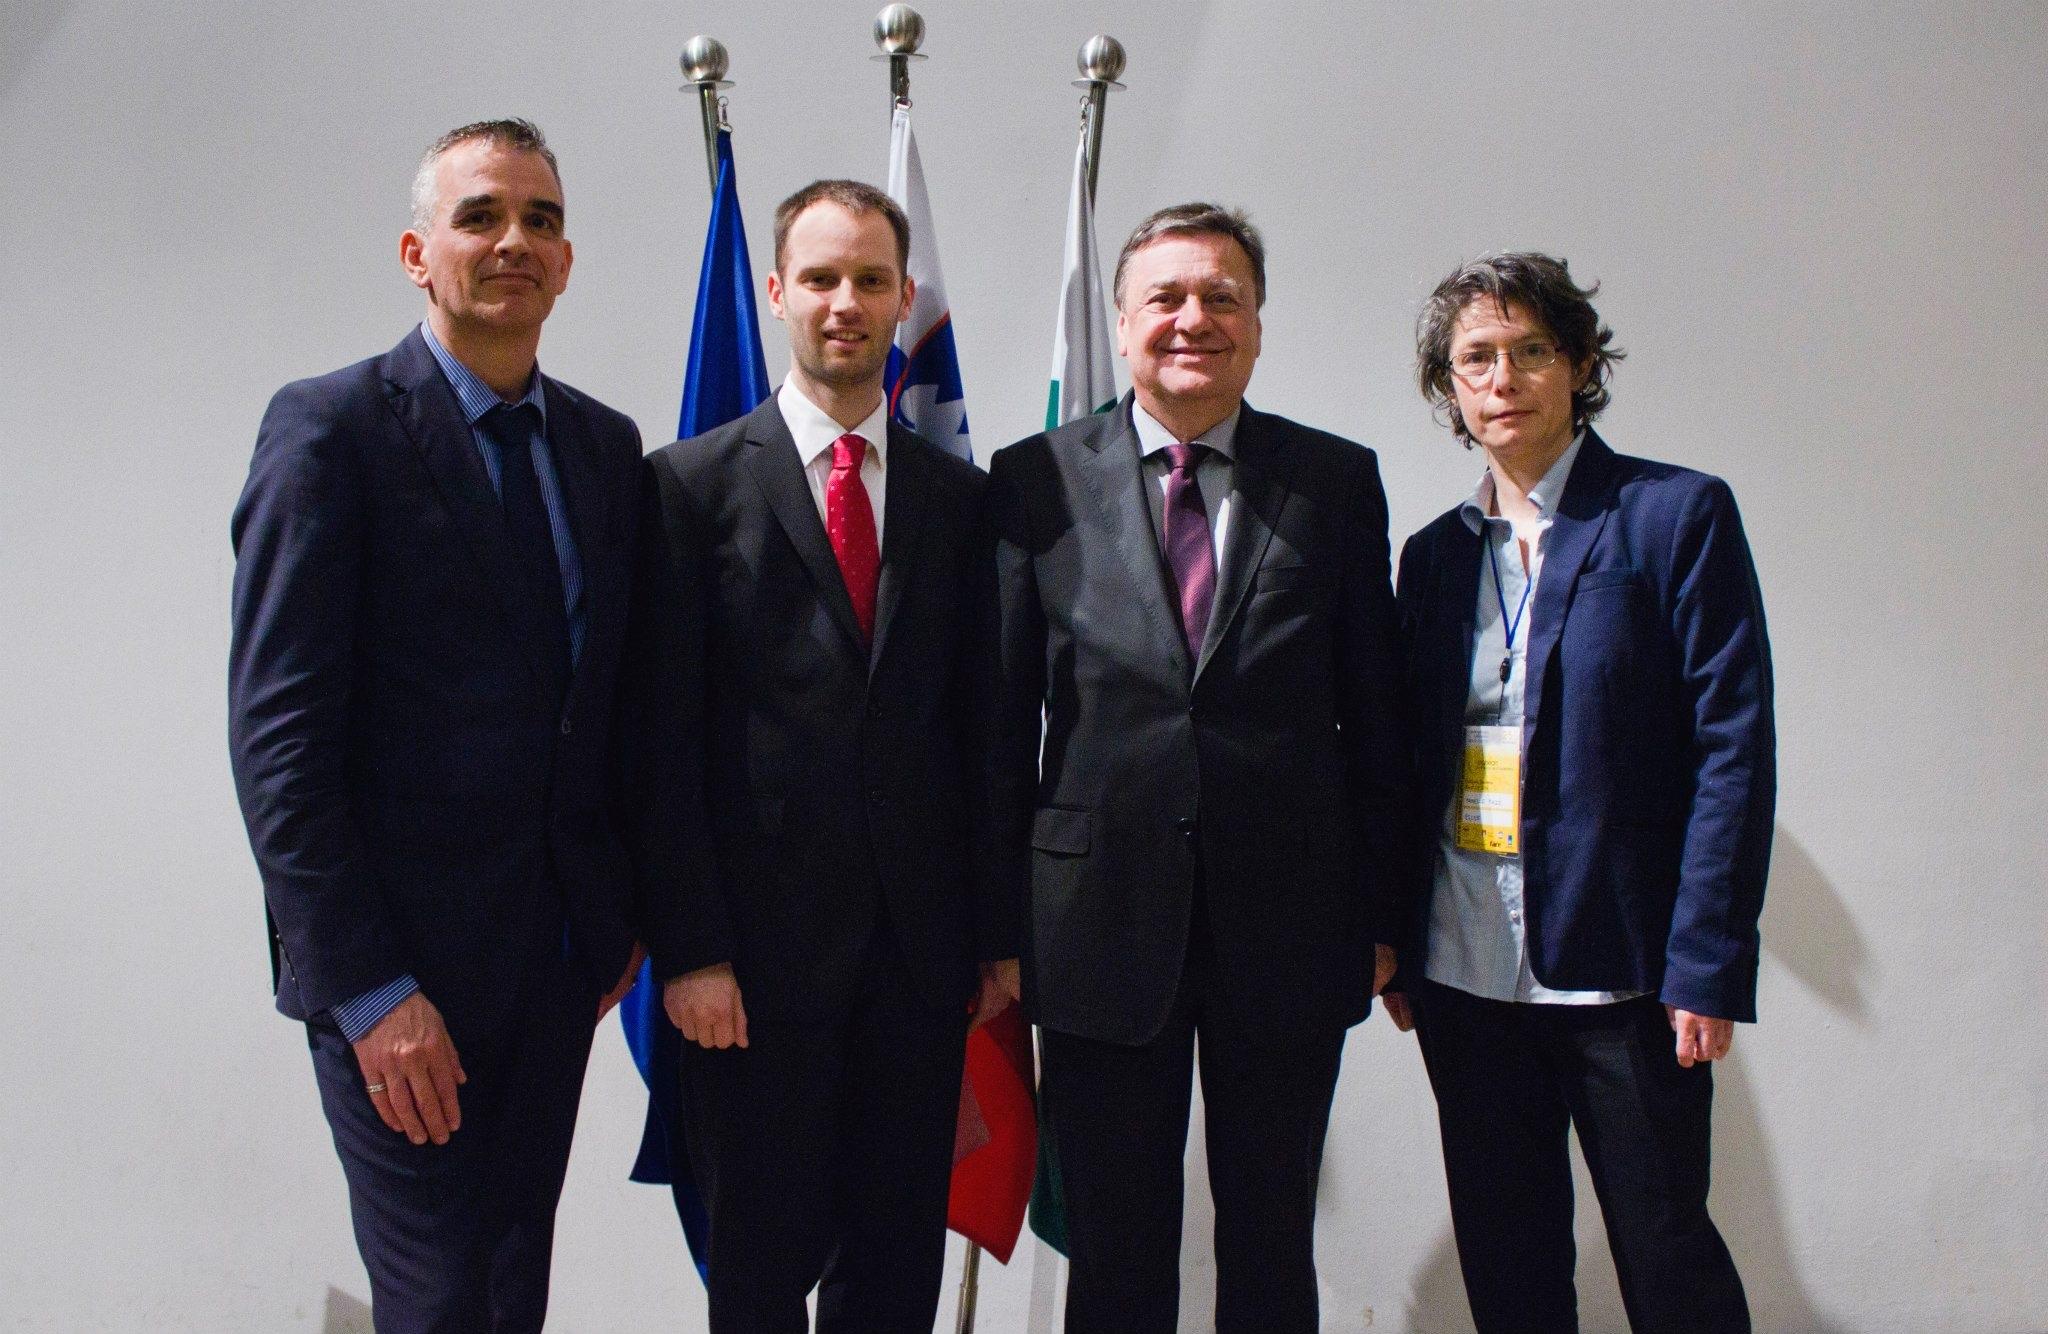 EGLSF prezidentas Klaus Heusslein, konferencijos organizatorių atstovas Andrej Pišl, Liublianos meras Zoran Jankovic, EGLSF prezidentė Armelle Mazé šventinio mero priėmimo metu Nacionaliniame muziejuje